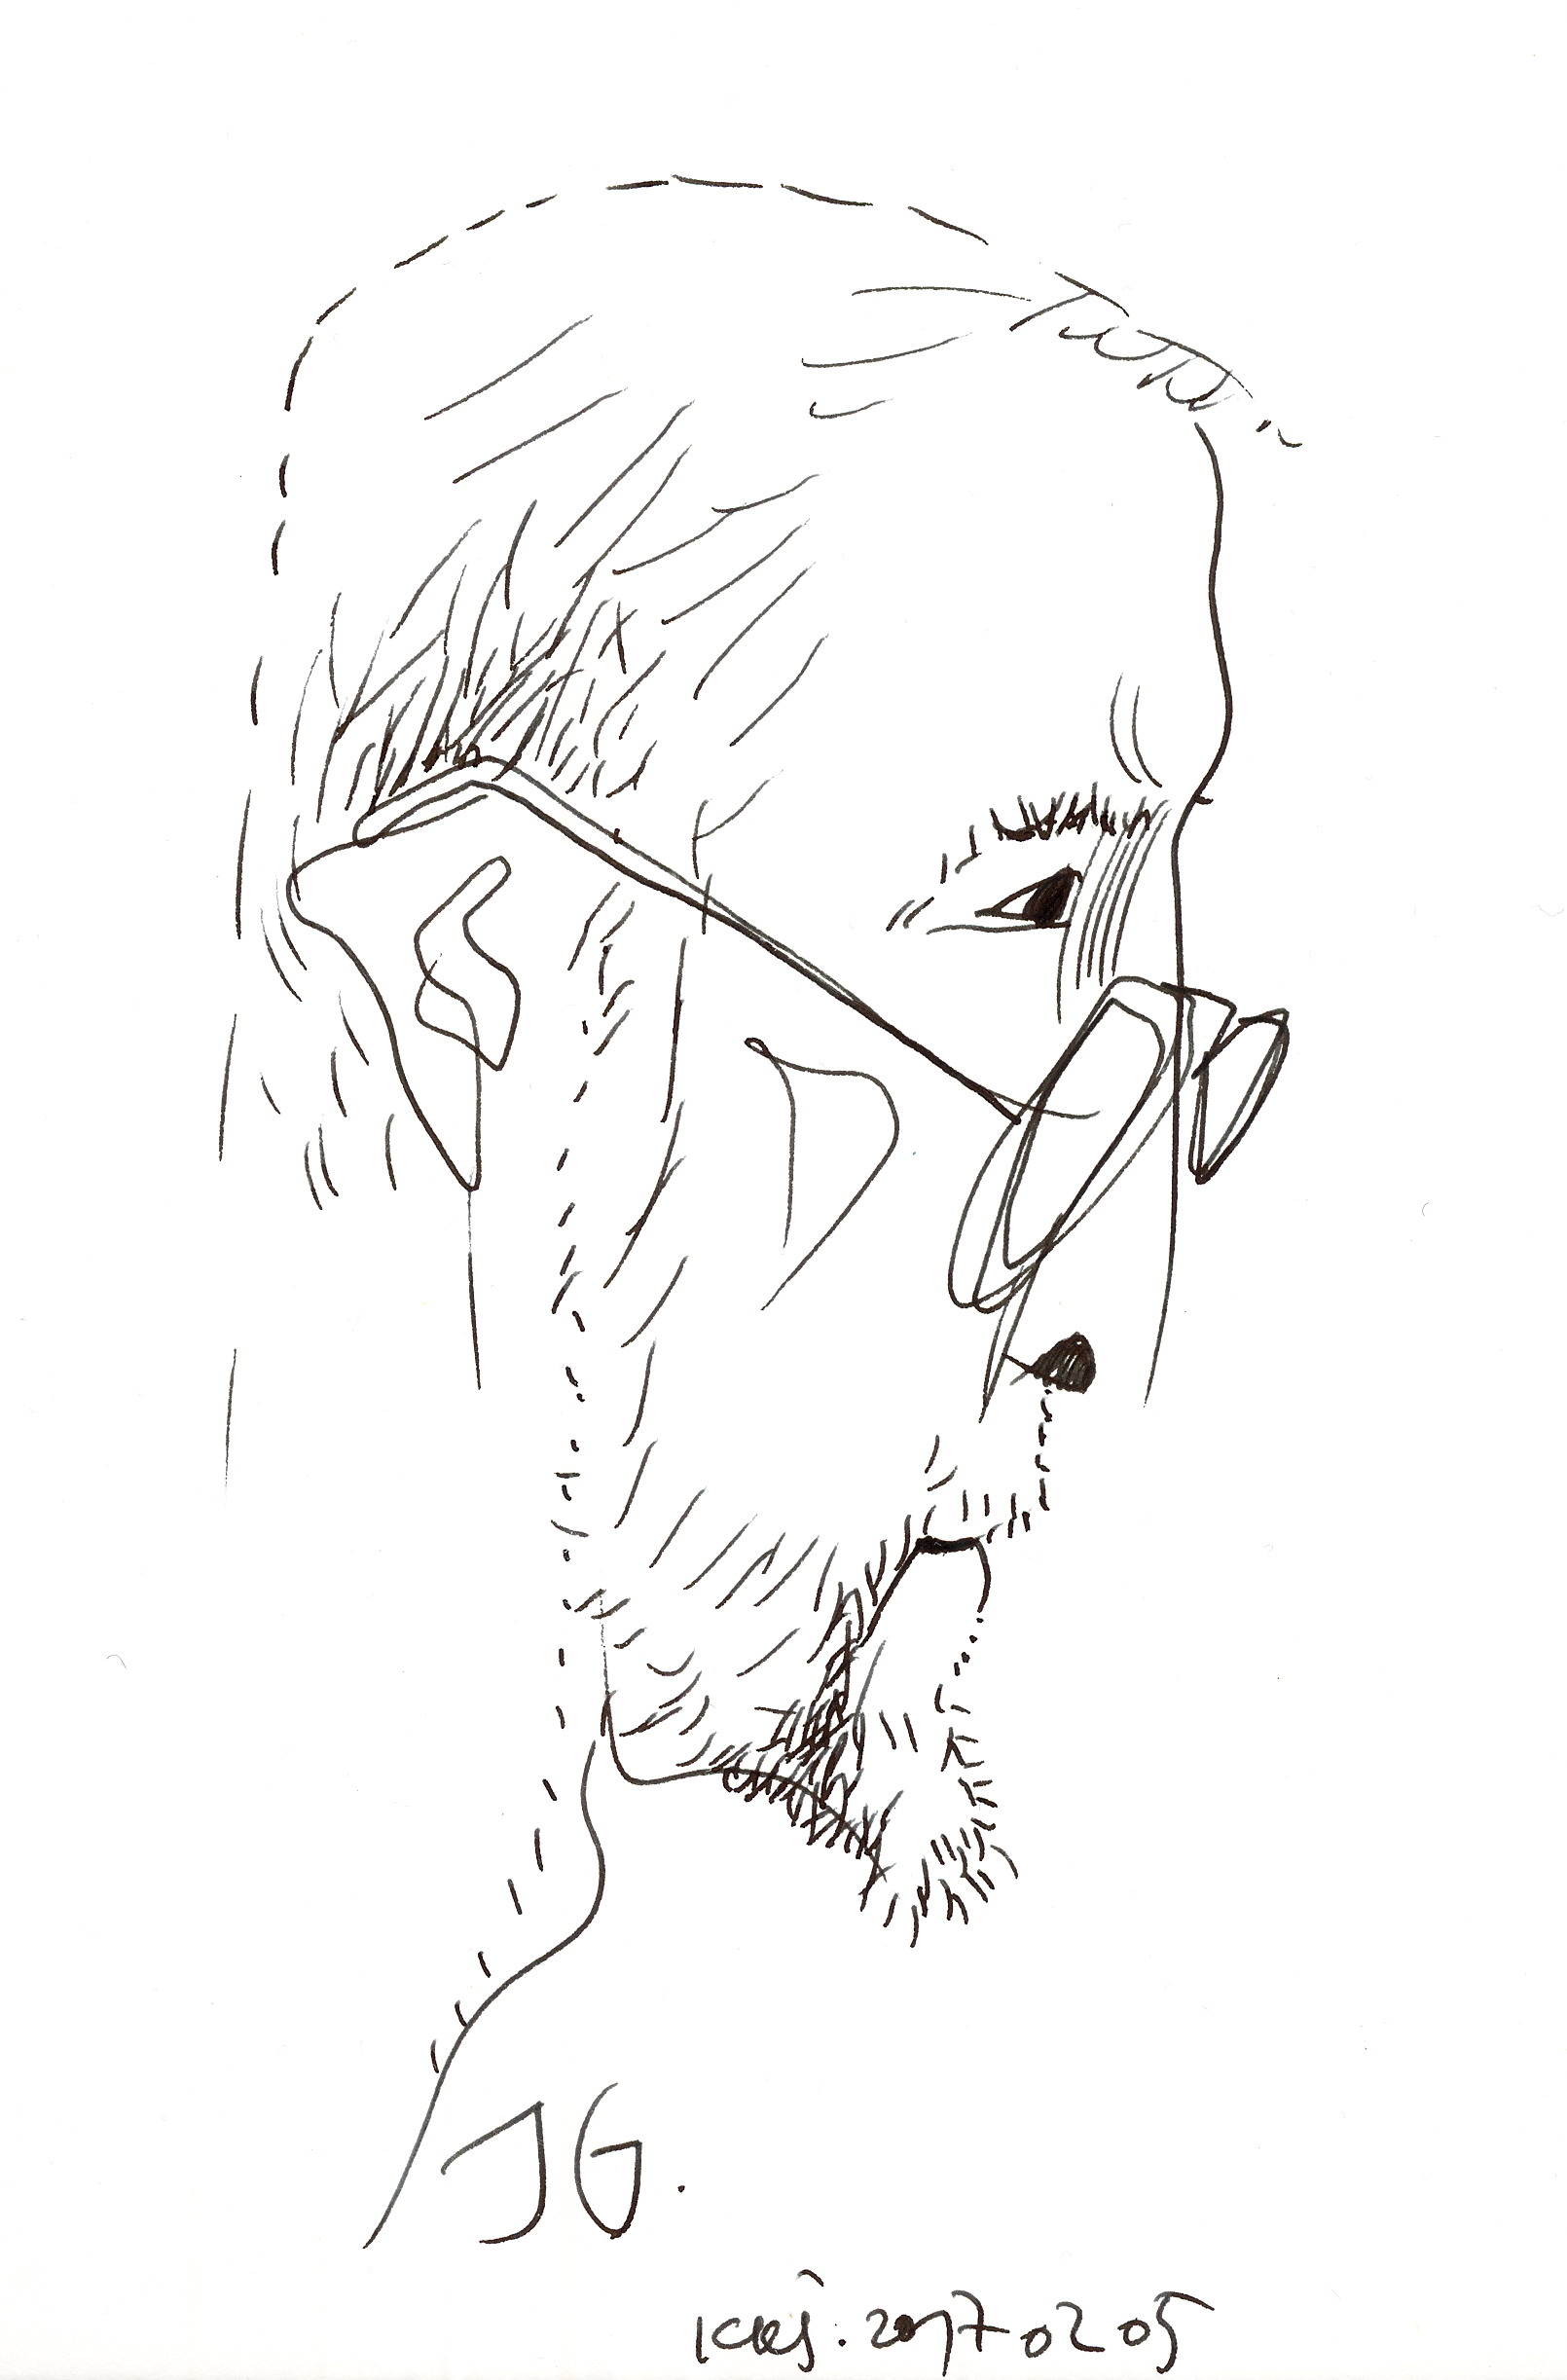 Jurgis Gimberis. Kazio Kęstučio Šiaulyčio piešinys